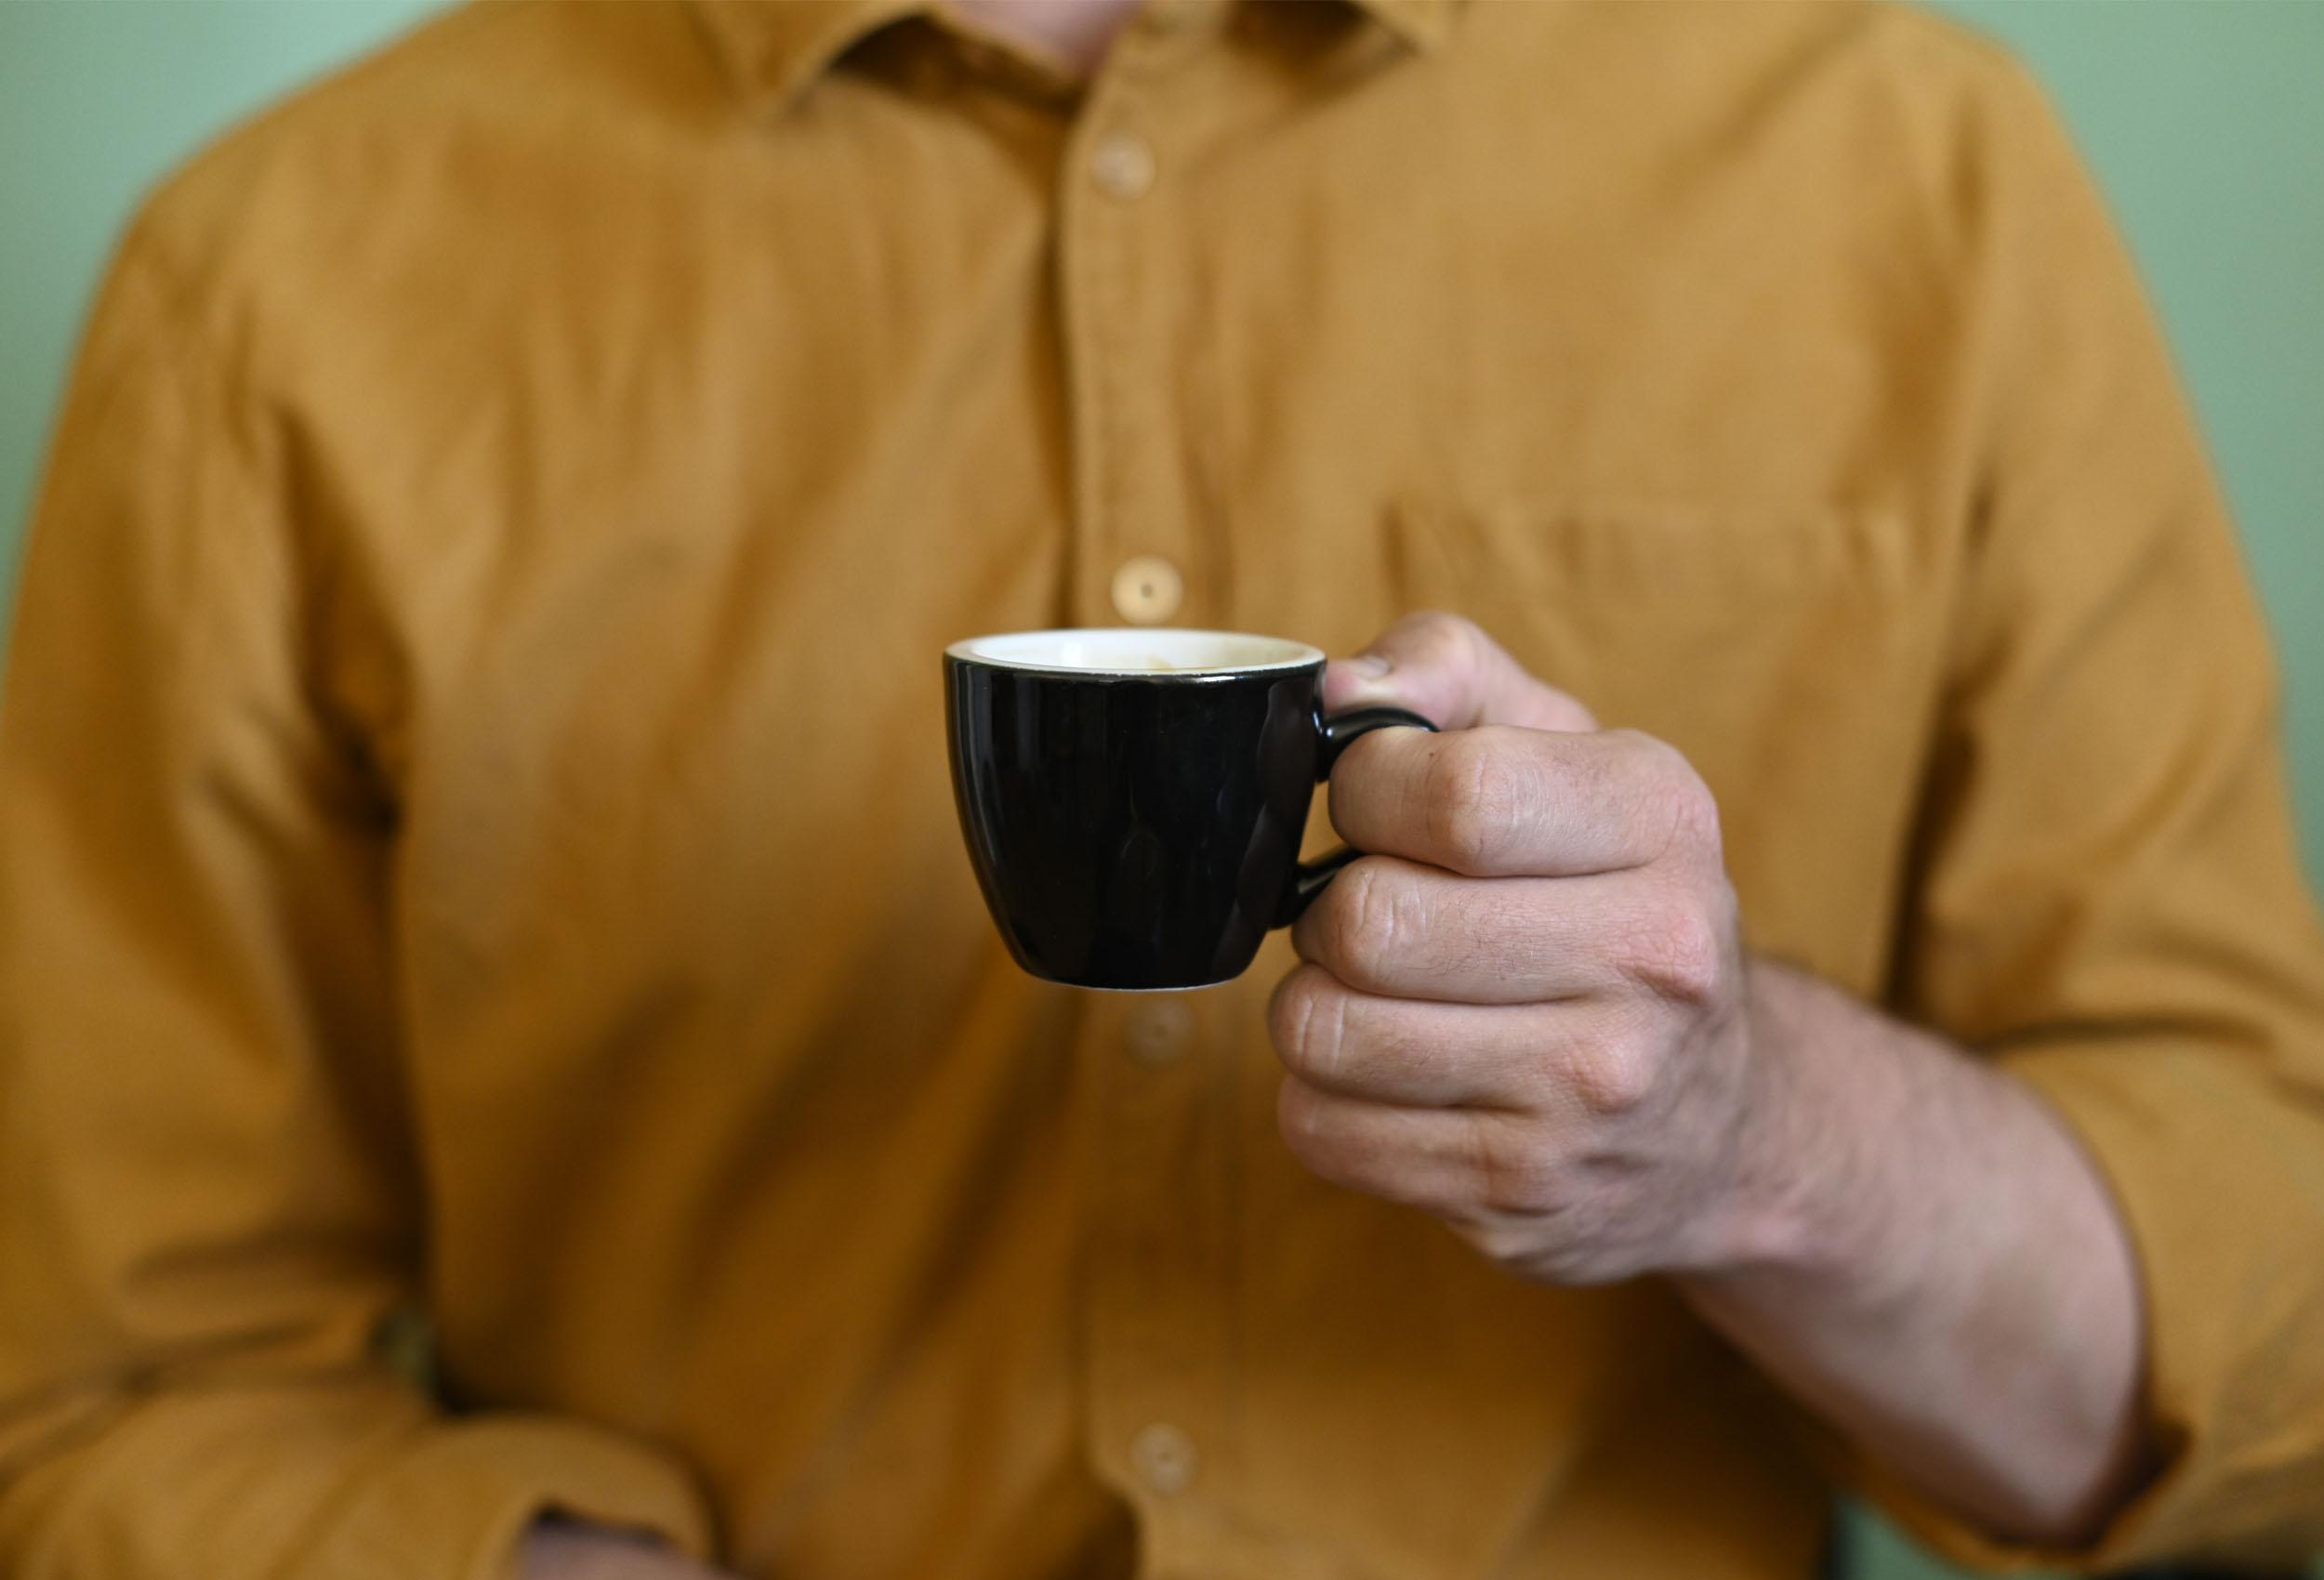 How do you evaluate an espresso?